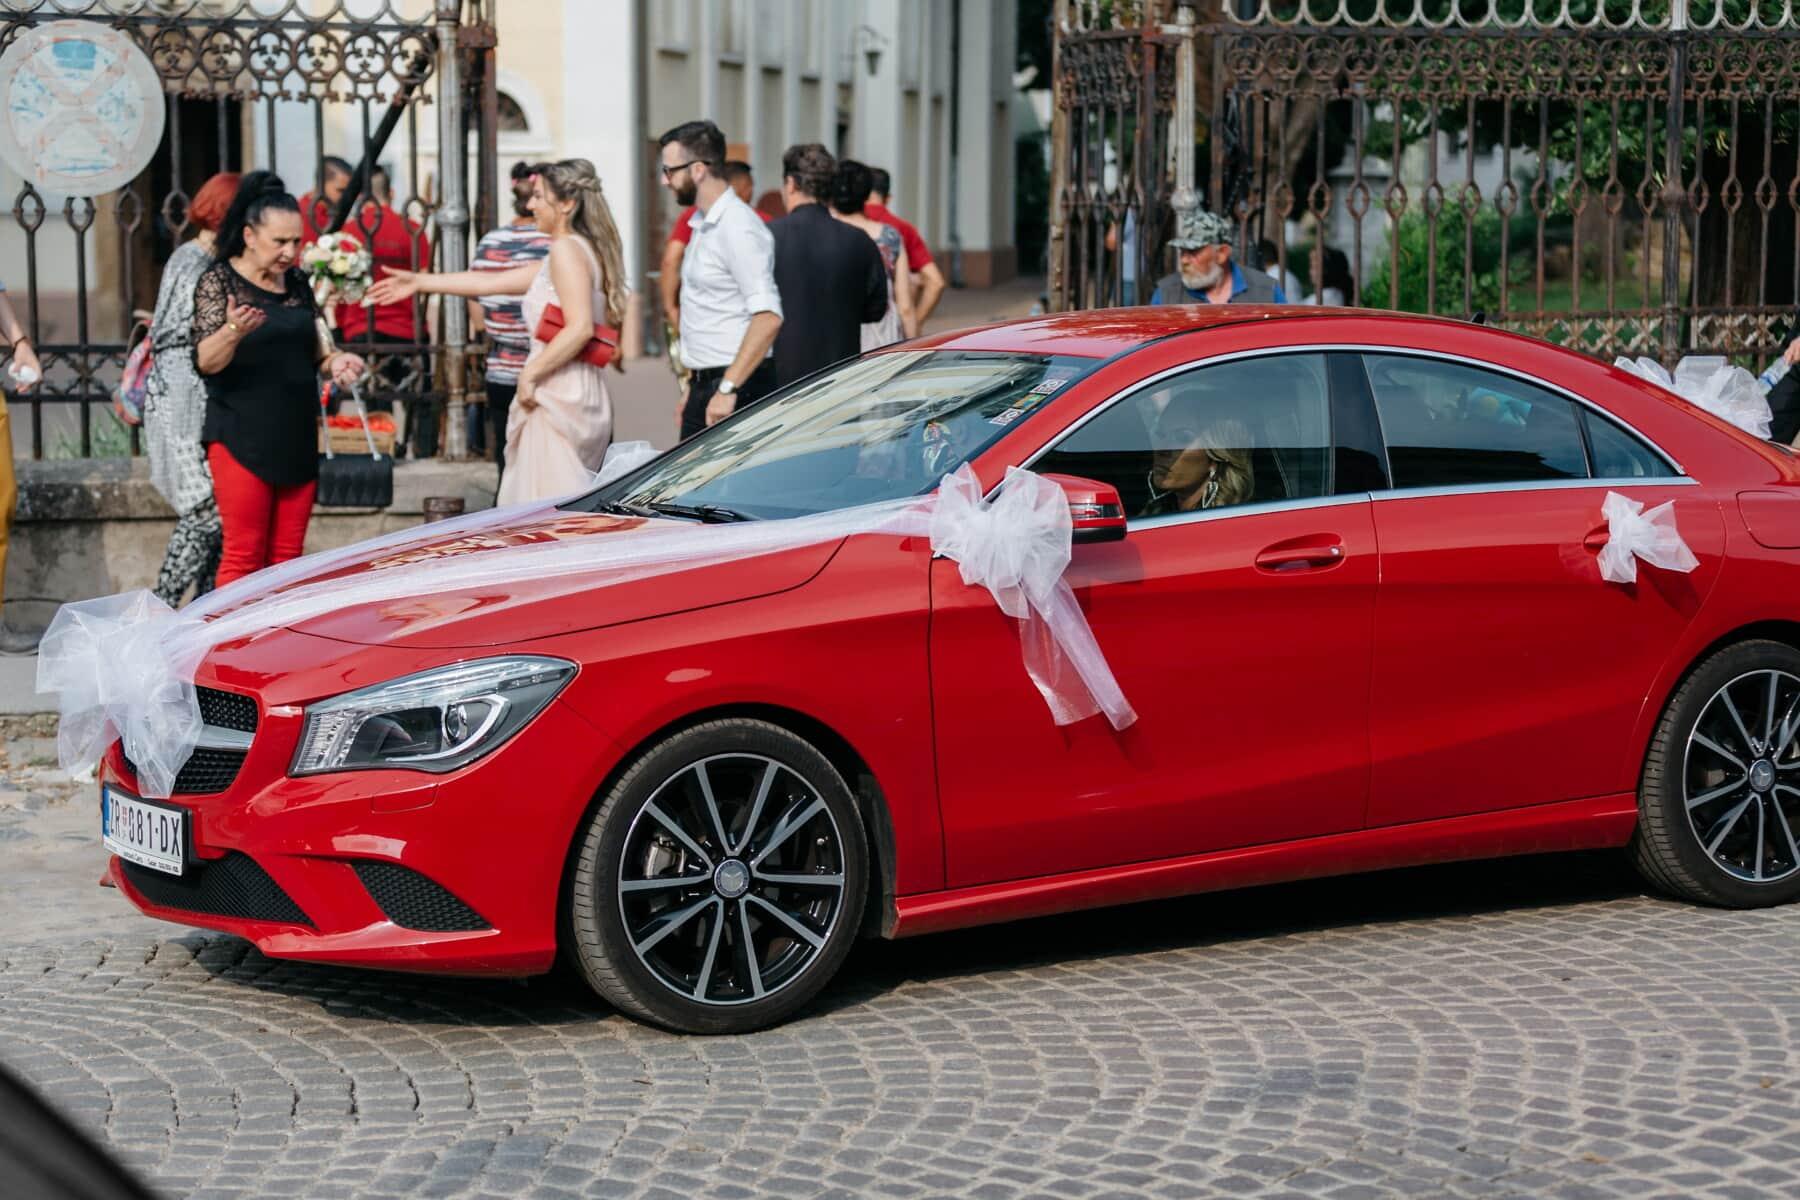 sedan, svatba, auto, červená, ovladač, nevěsta, luxusní, sportovní auto, automobil, doprava